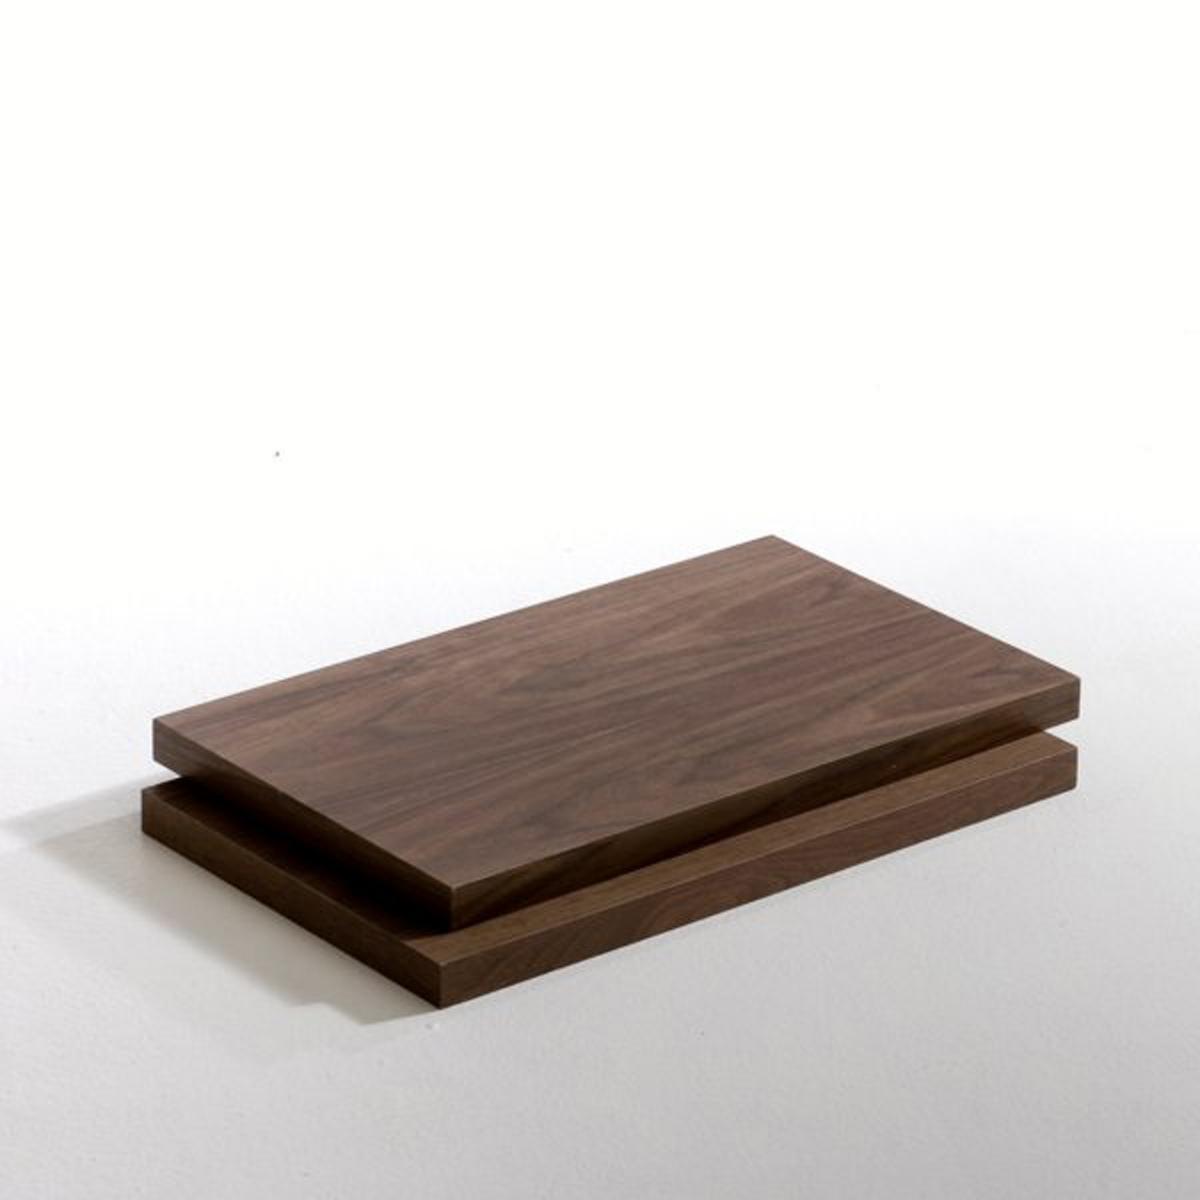 2 полки длиной 60 см орех, TaktikМодульная система, выполненная в эстетике минимализма, подойдет для любого пространства и любых целей. Угловые кронштейны позволяют регулировать высоту полок и ящиков на ваше усмотрение. Полки, угловые кронштейны  и ящики продаются отдельно.Характеристики полок:- Из МДФ, покрытого ореховым шпоном. Размеры полок:- Длина: 60 см. - Толщина: 3,5 см.  2 глубины на выбор.- Глубина: 18 см (размер S)- Глубина: 30 см (размер M)<br><br>Цвет: ореховый